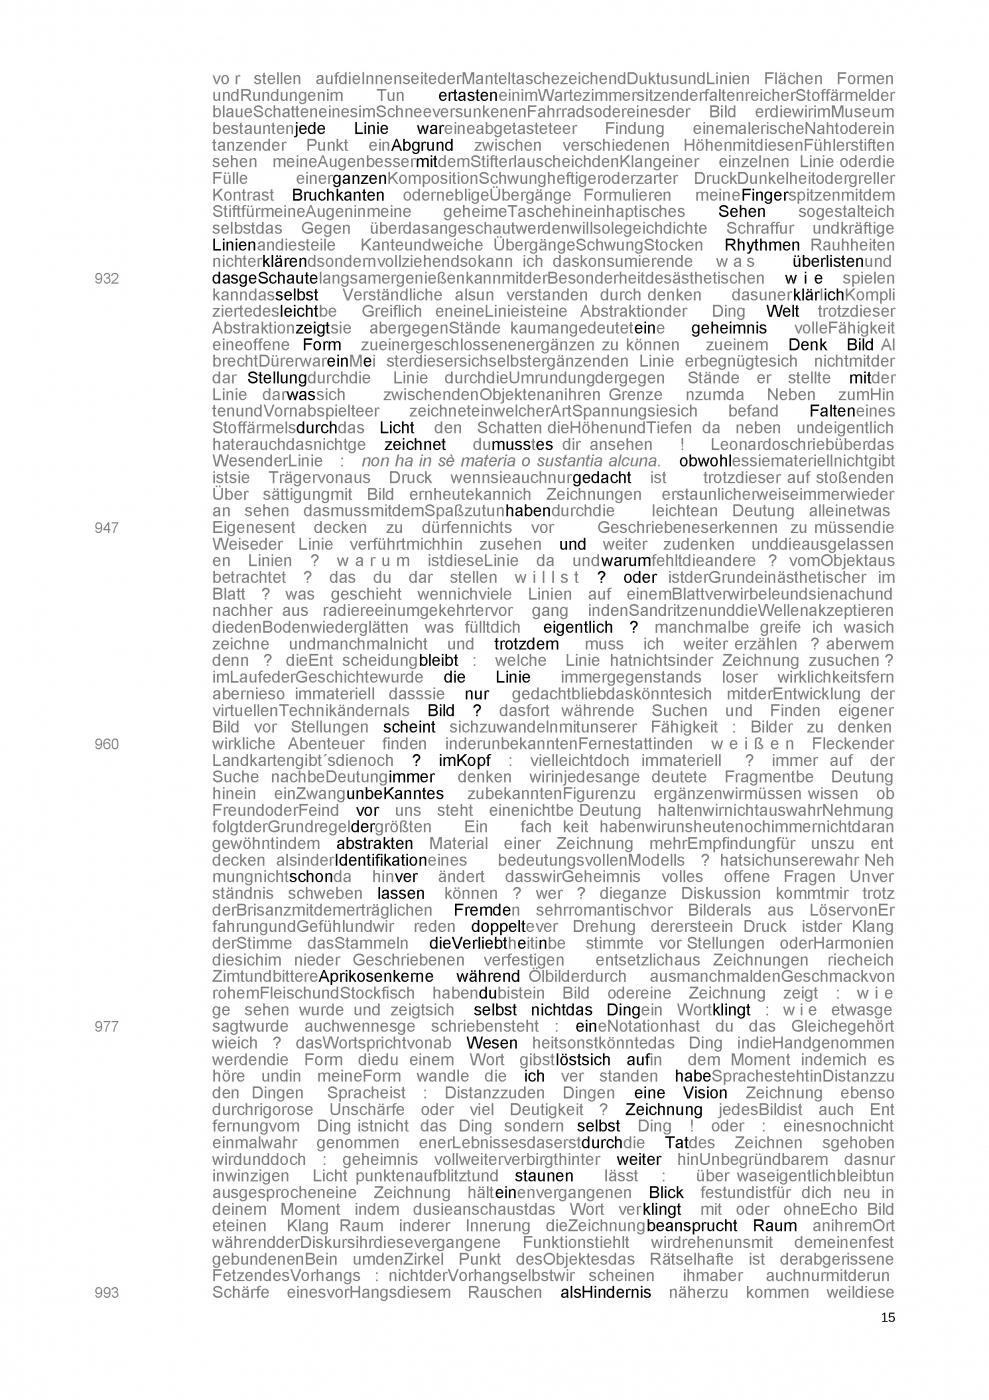 GestohleneZeichnung_Seite_15